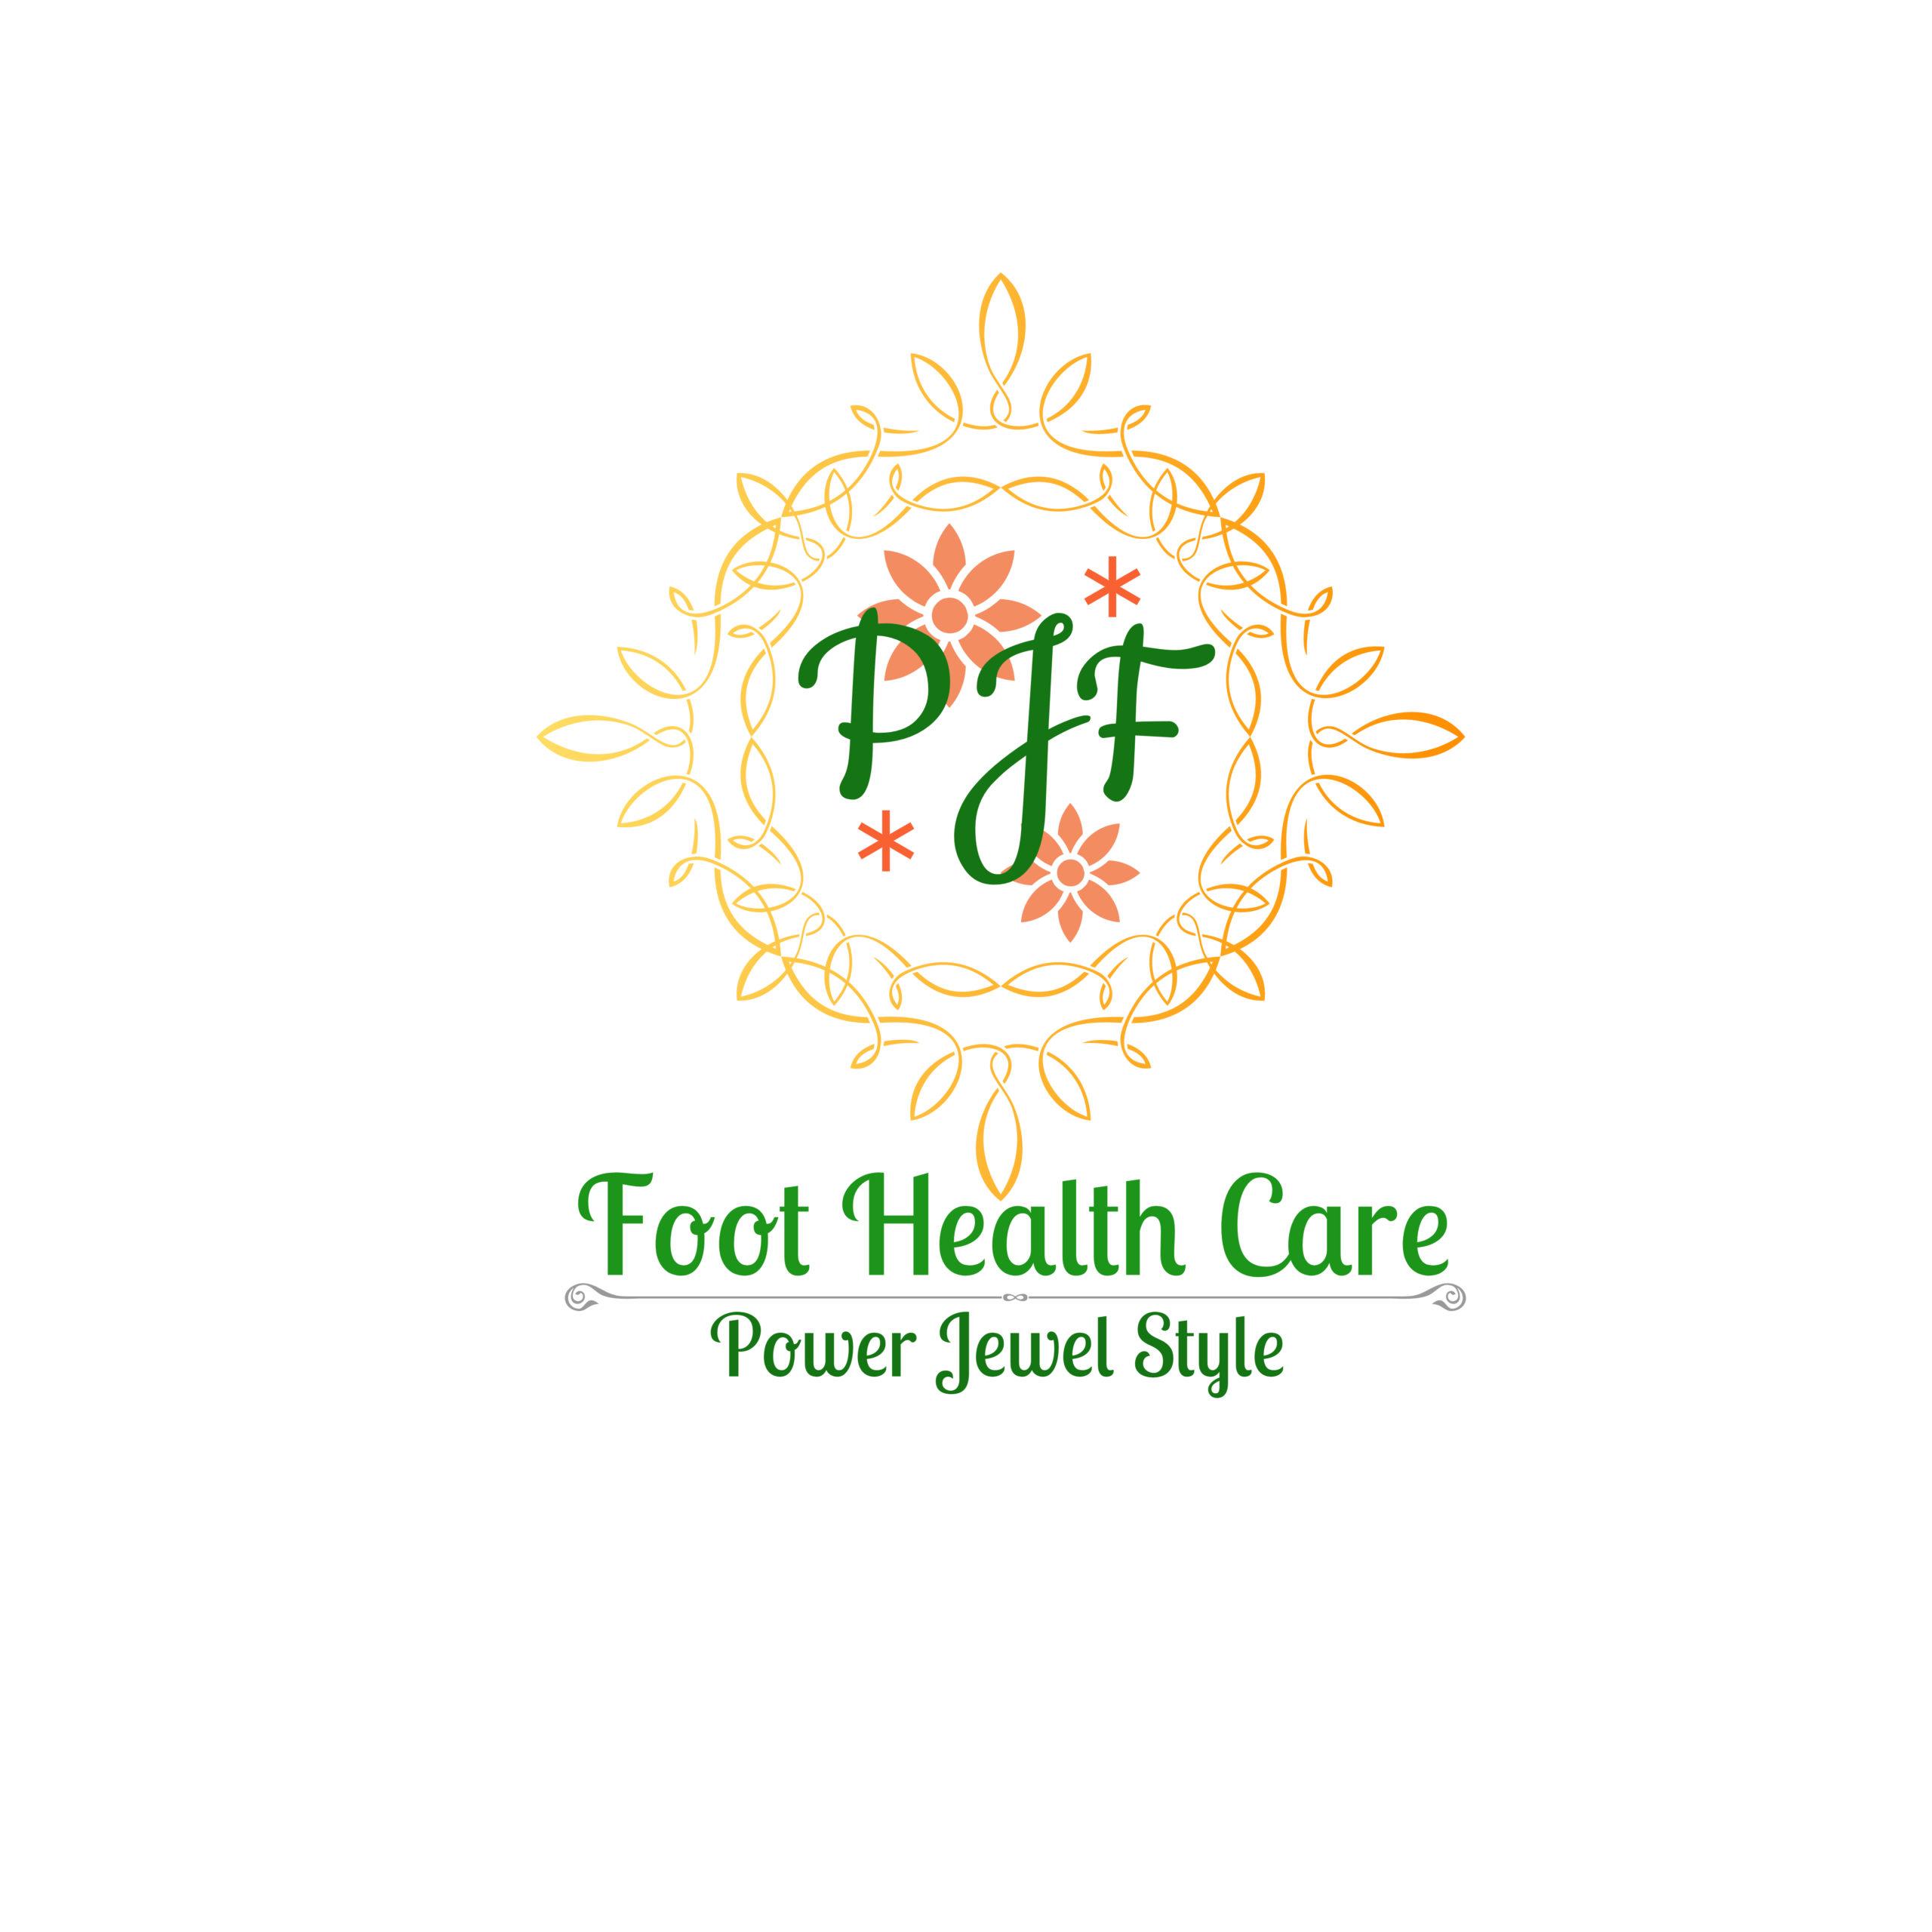 PJ式フットヘルスケア講座動画